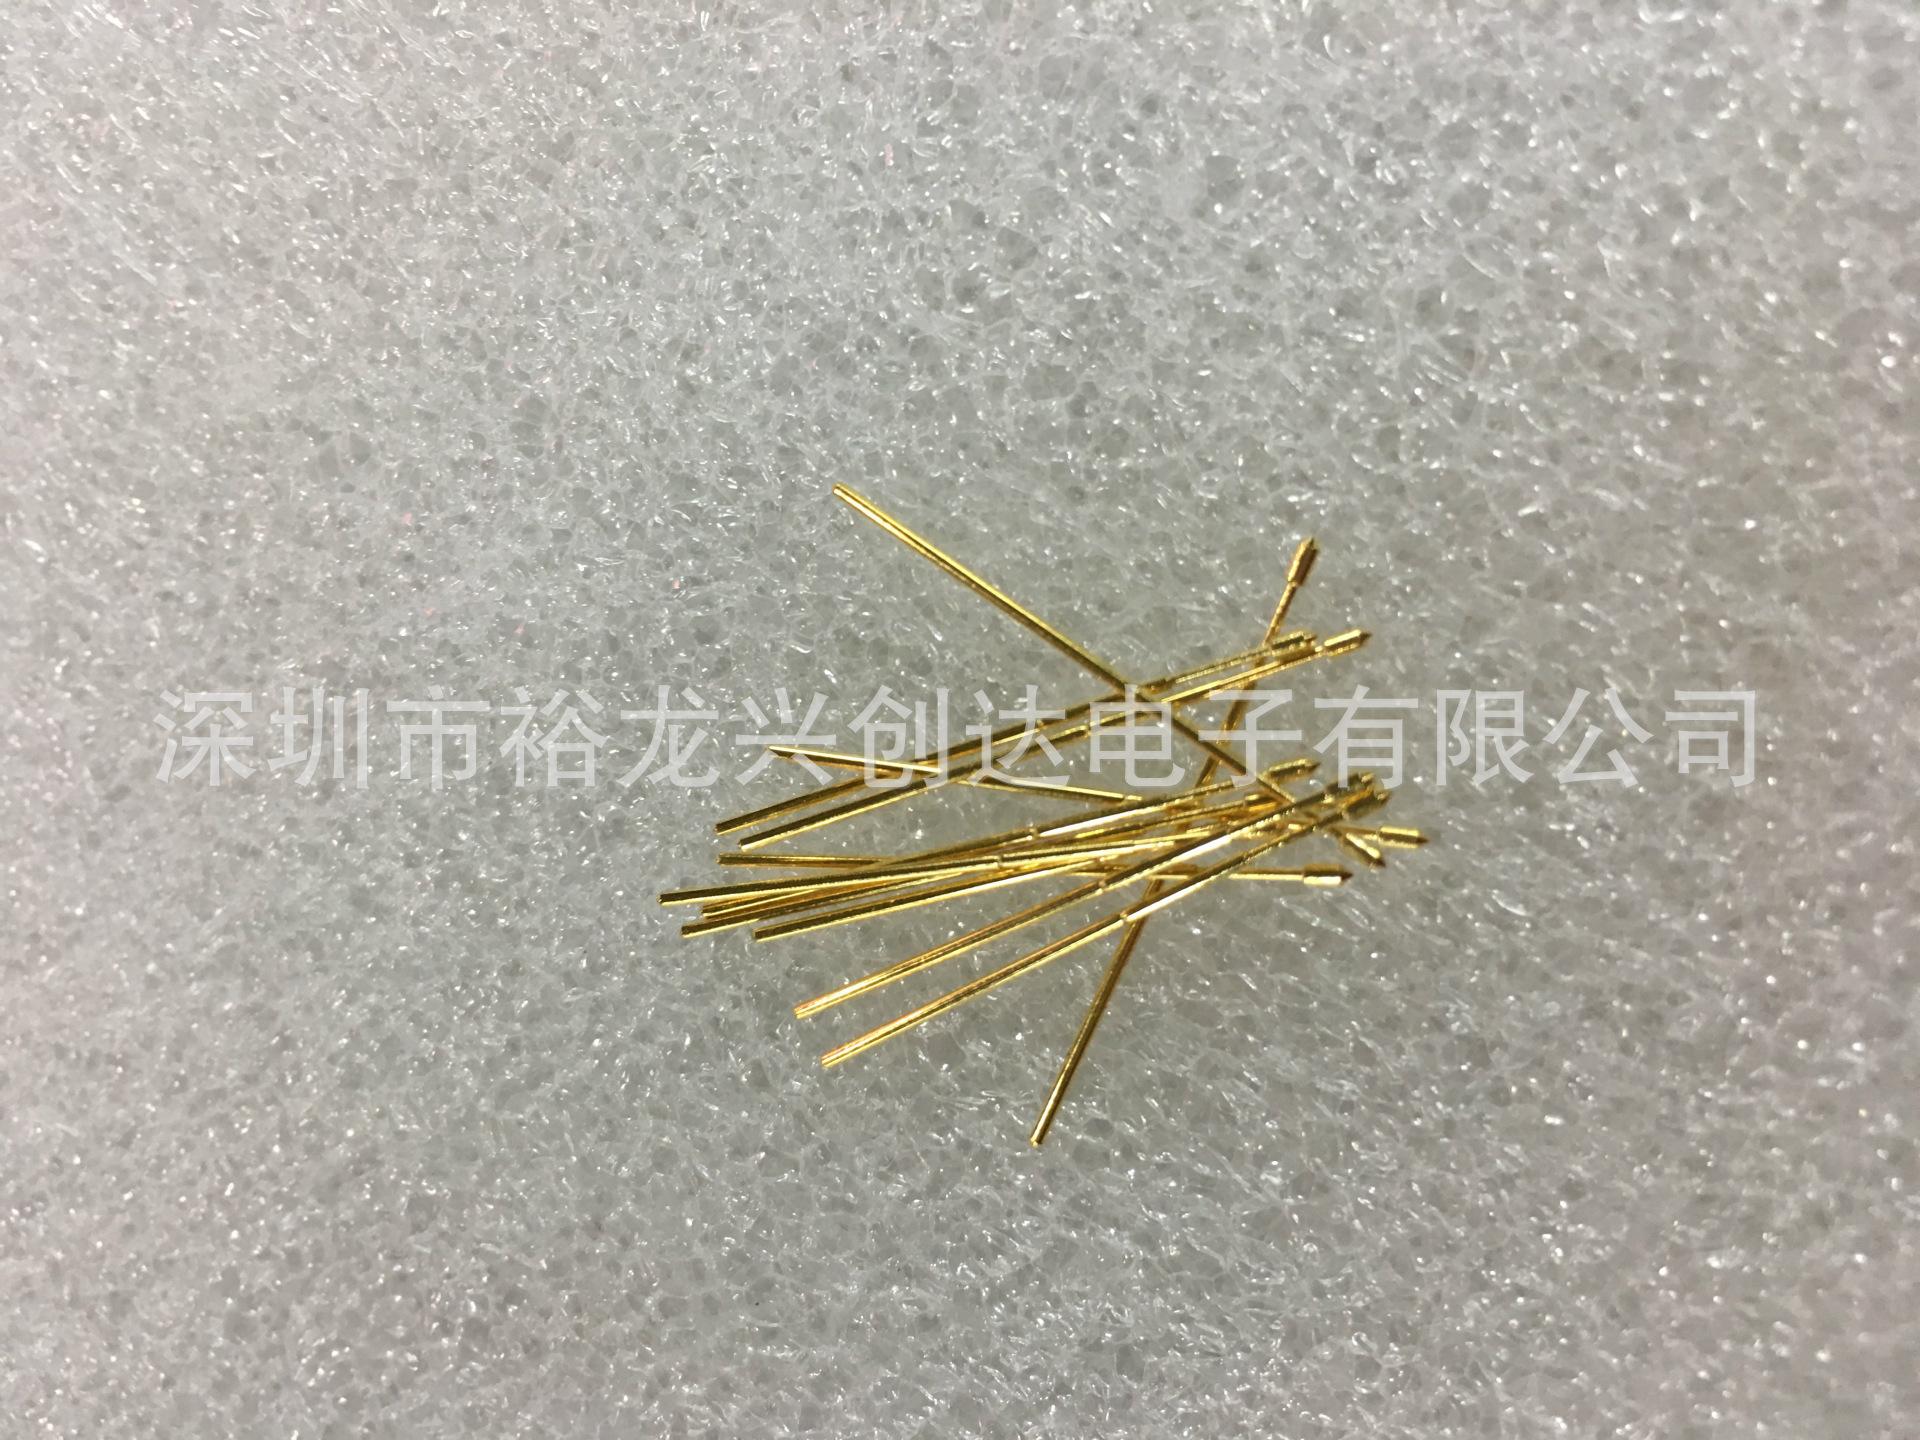 厂家直销PAL50-E2圆锥型探针 弹簧测试针0.68*27.8mm PCB顶针定制